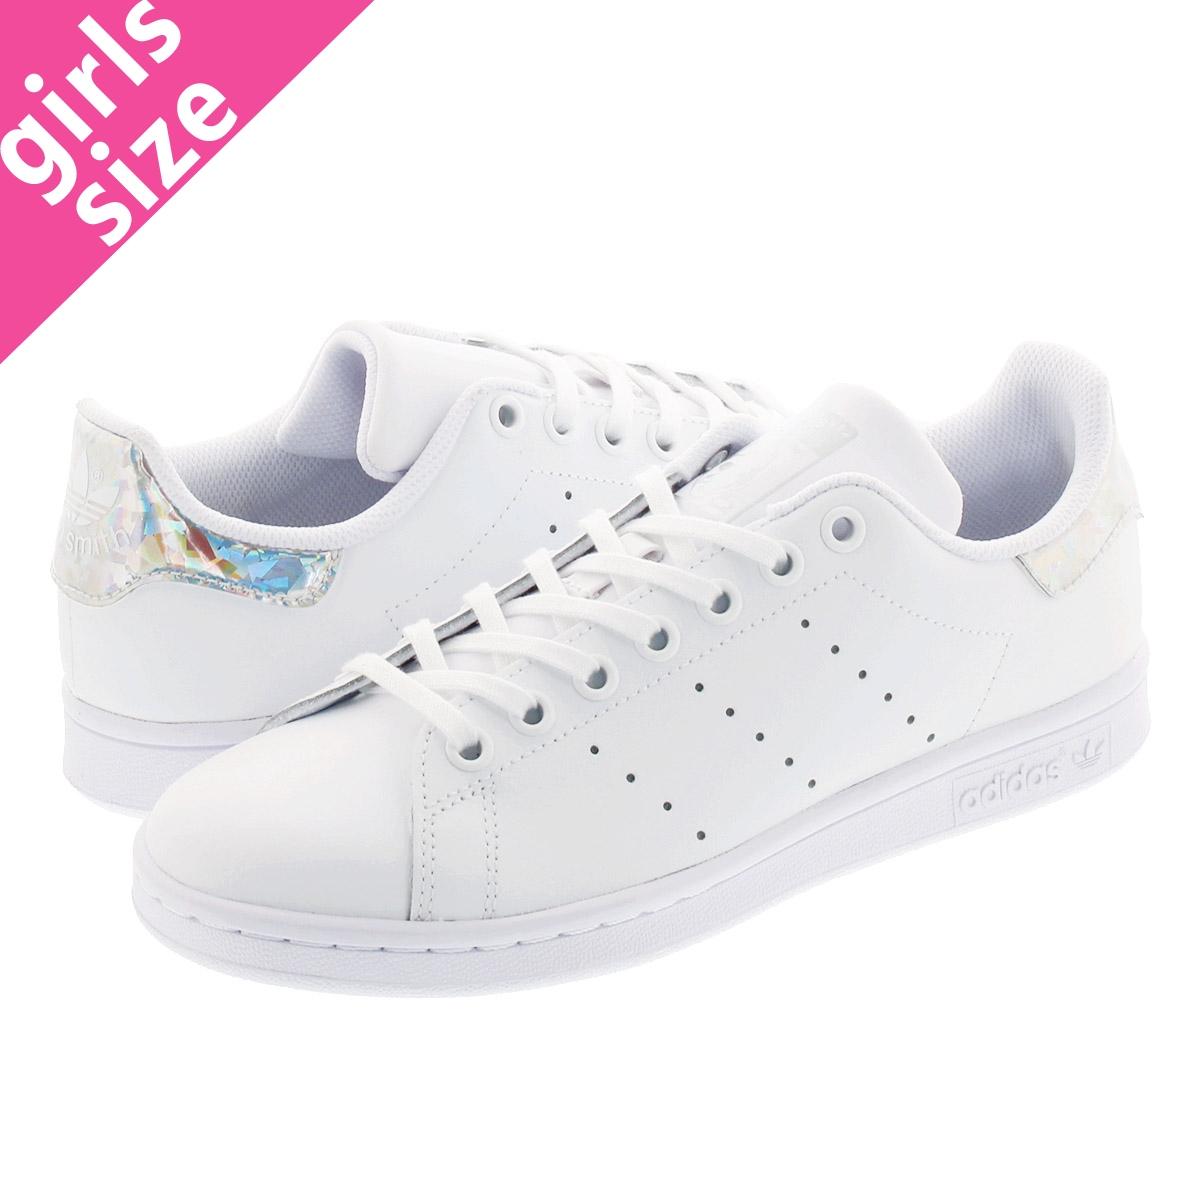 sprzedawane na całym świecie spotykać się uroczy adidas STAN SMITH J Adidas Stan Smith J WHITE/WHITE/BLACK ee8483